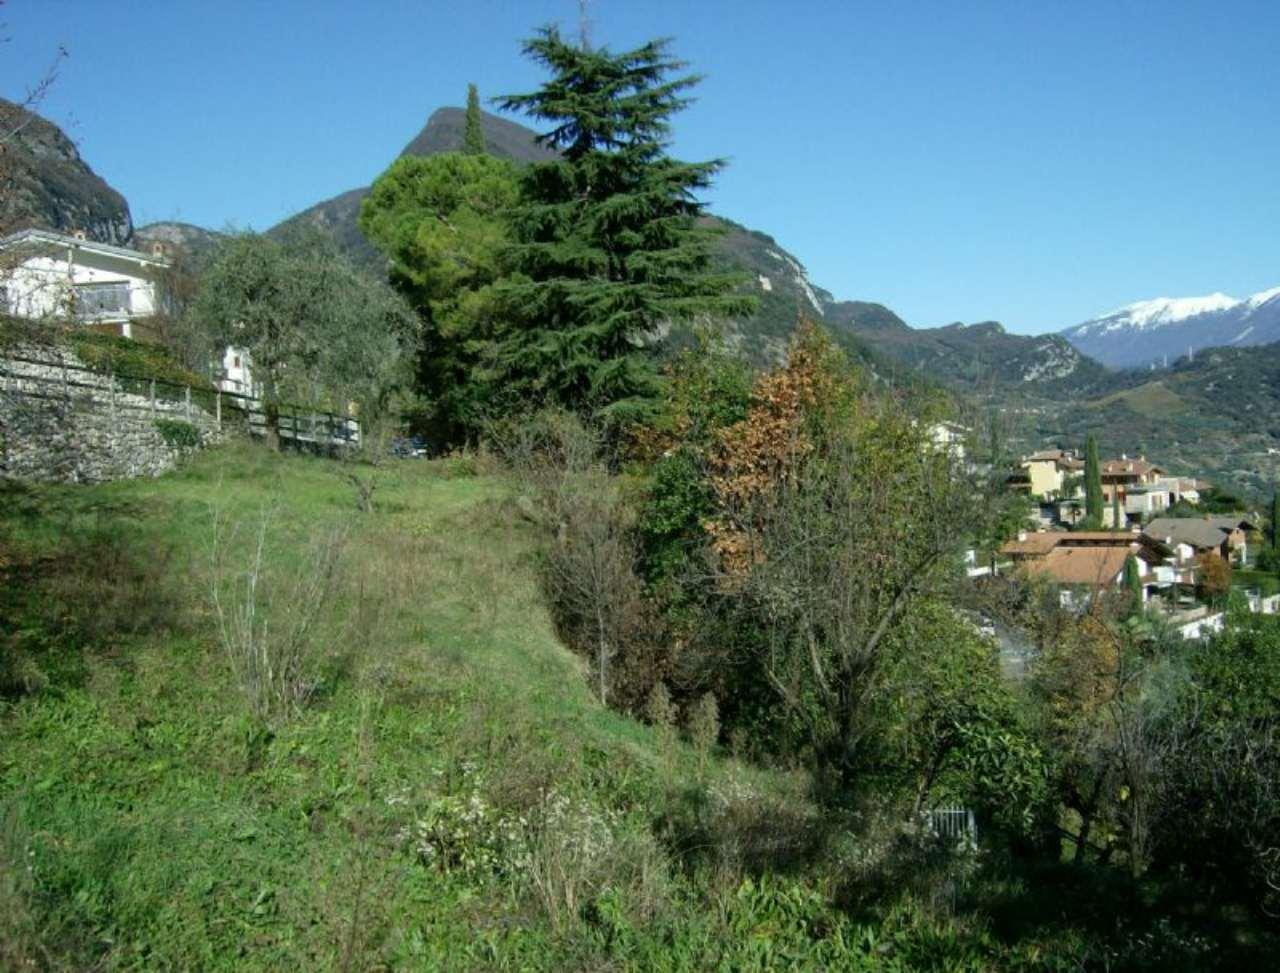 Terreno Edificabile Residenziale in vendita a Tenno, 9999 locali, Trattative riservate | Cambio Casa.it